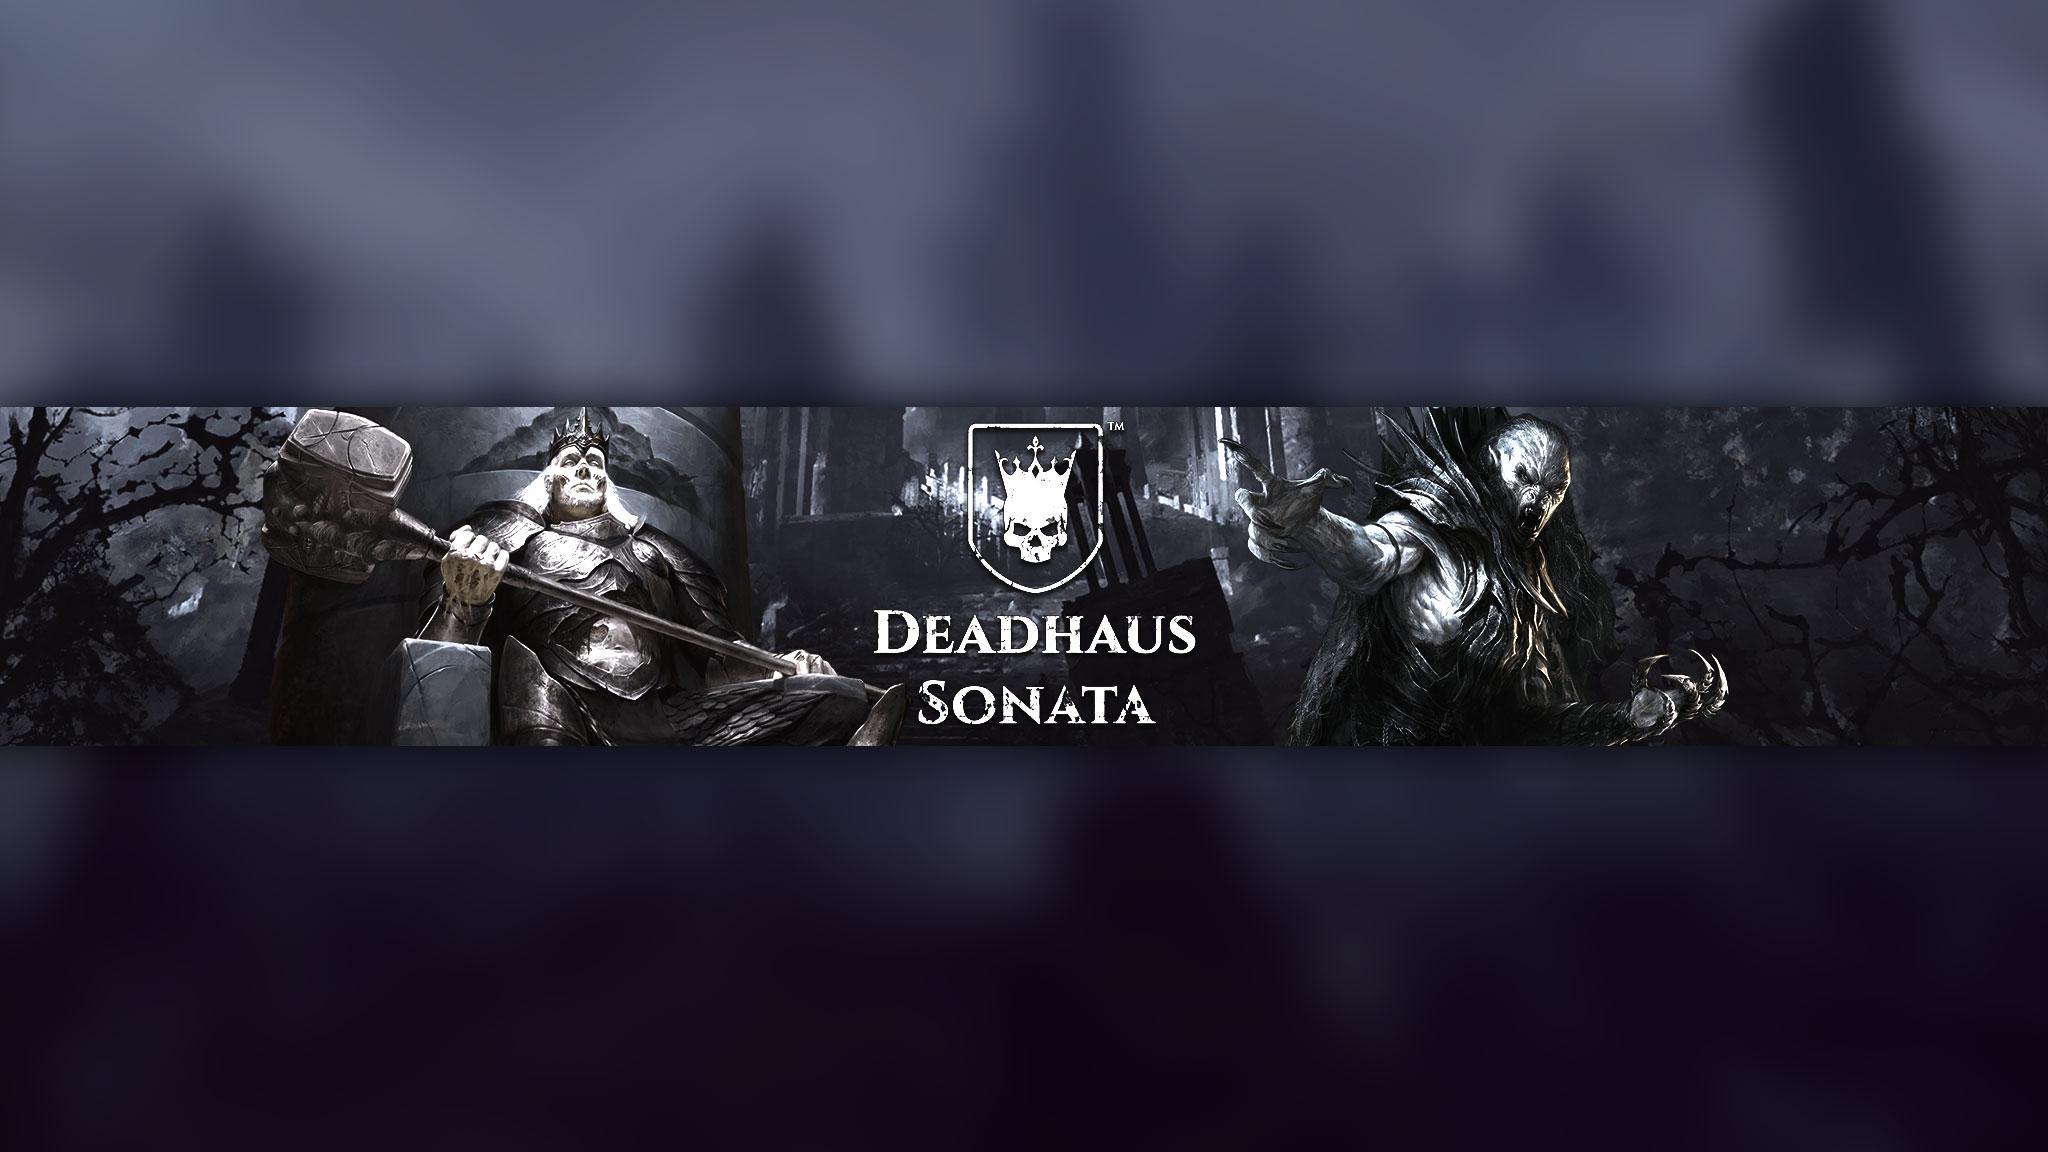 Картинка с текстом Deadhaus Sonata с персонажами игры на тёмном фоне.